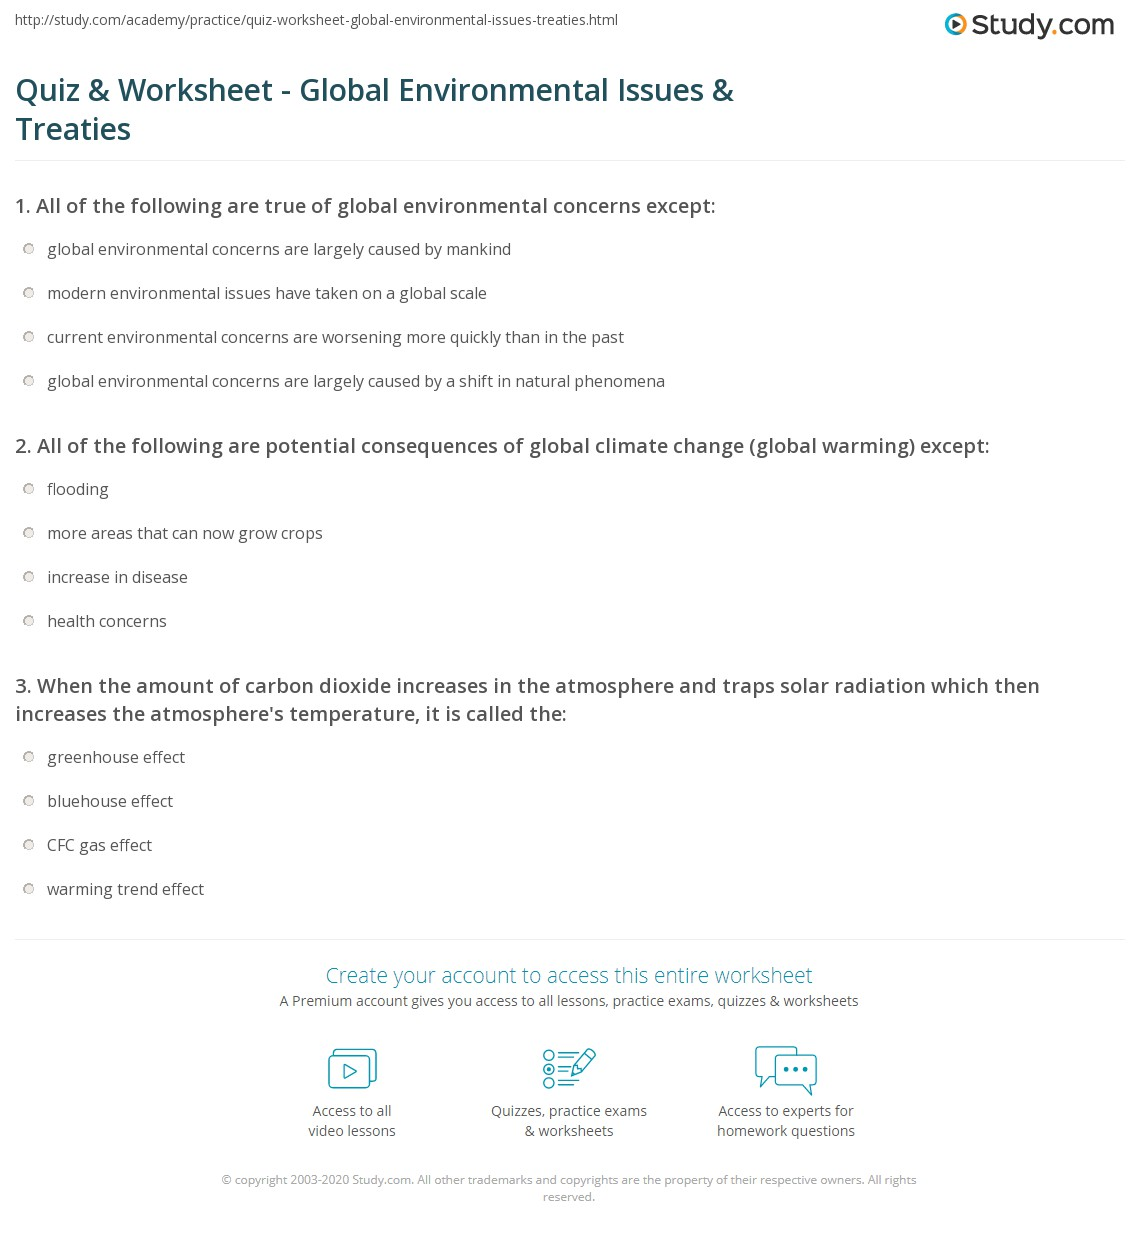 Quiz Amp Worksheet Global Environmental Issues Amp Treaties